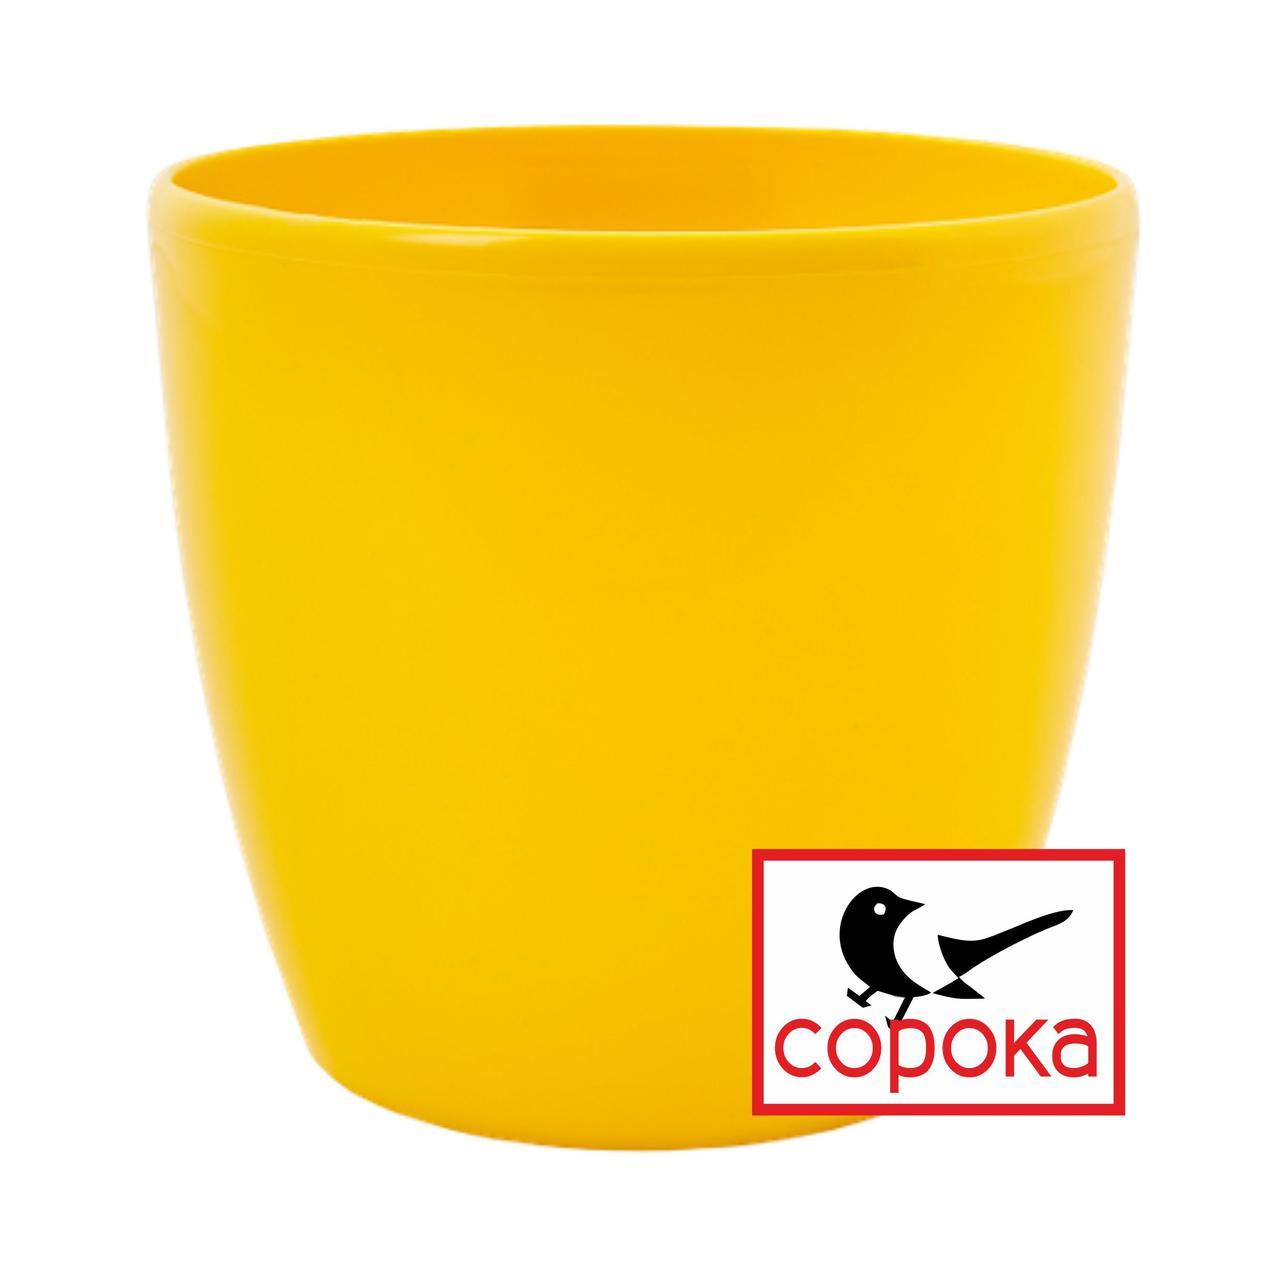 Вазон для цветов Алеана Матильда 16*15см желтый 2,1л (Горшок для цветов пластиковый Алеана Матильда)